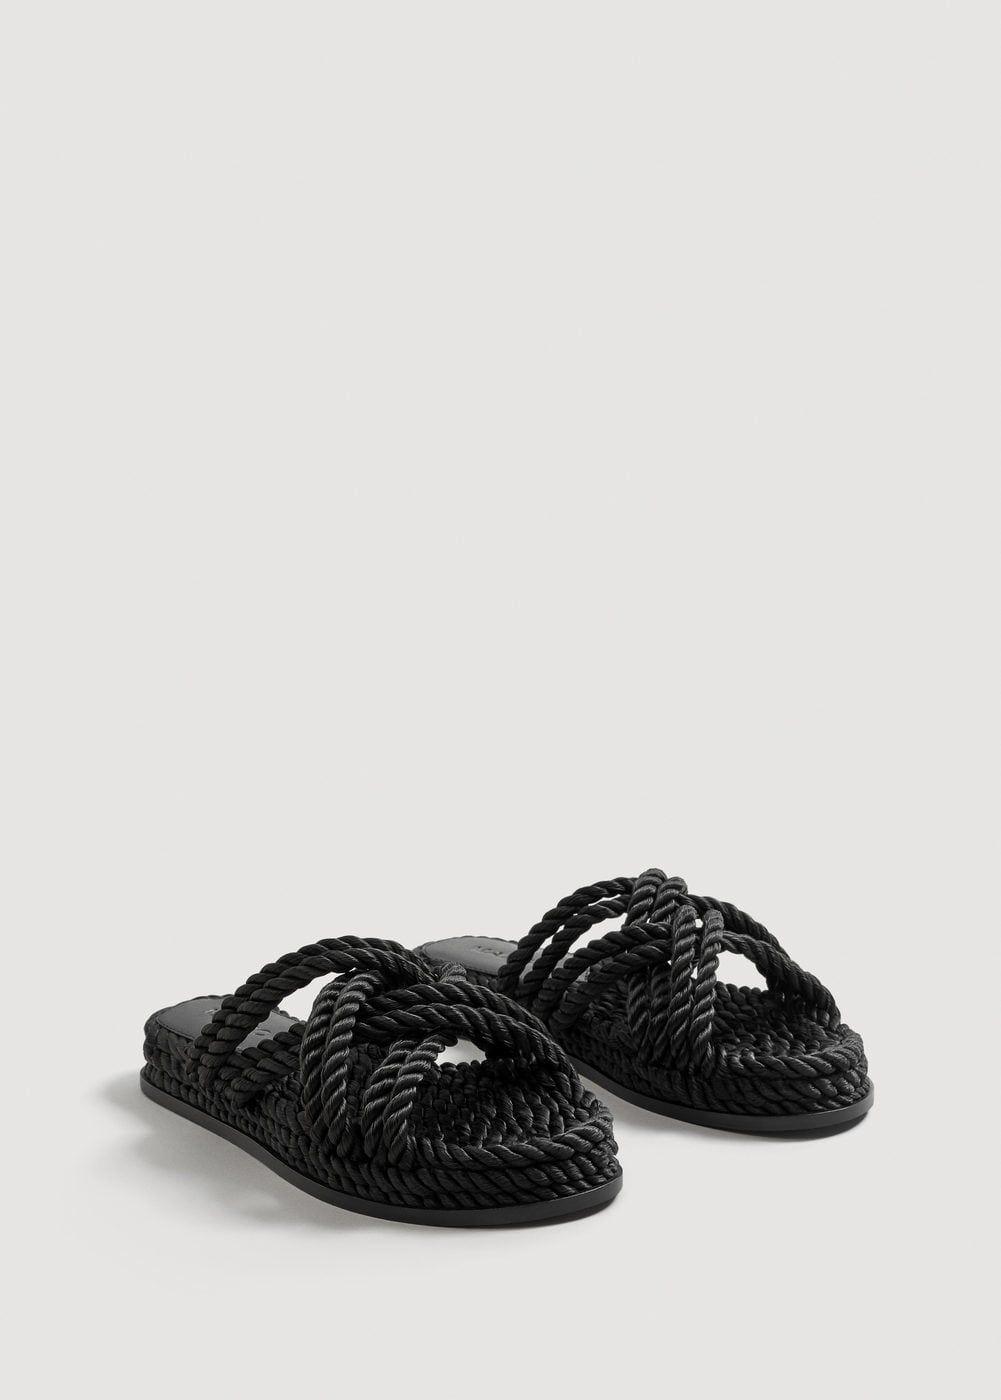 Chaussures De Mangue Rouge Avec Talon Bloc Avec Boucle Pour Dames mnTSt